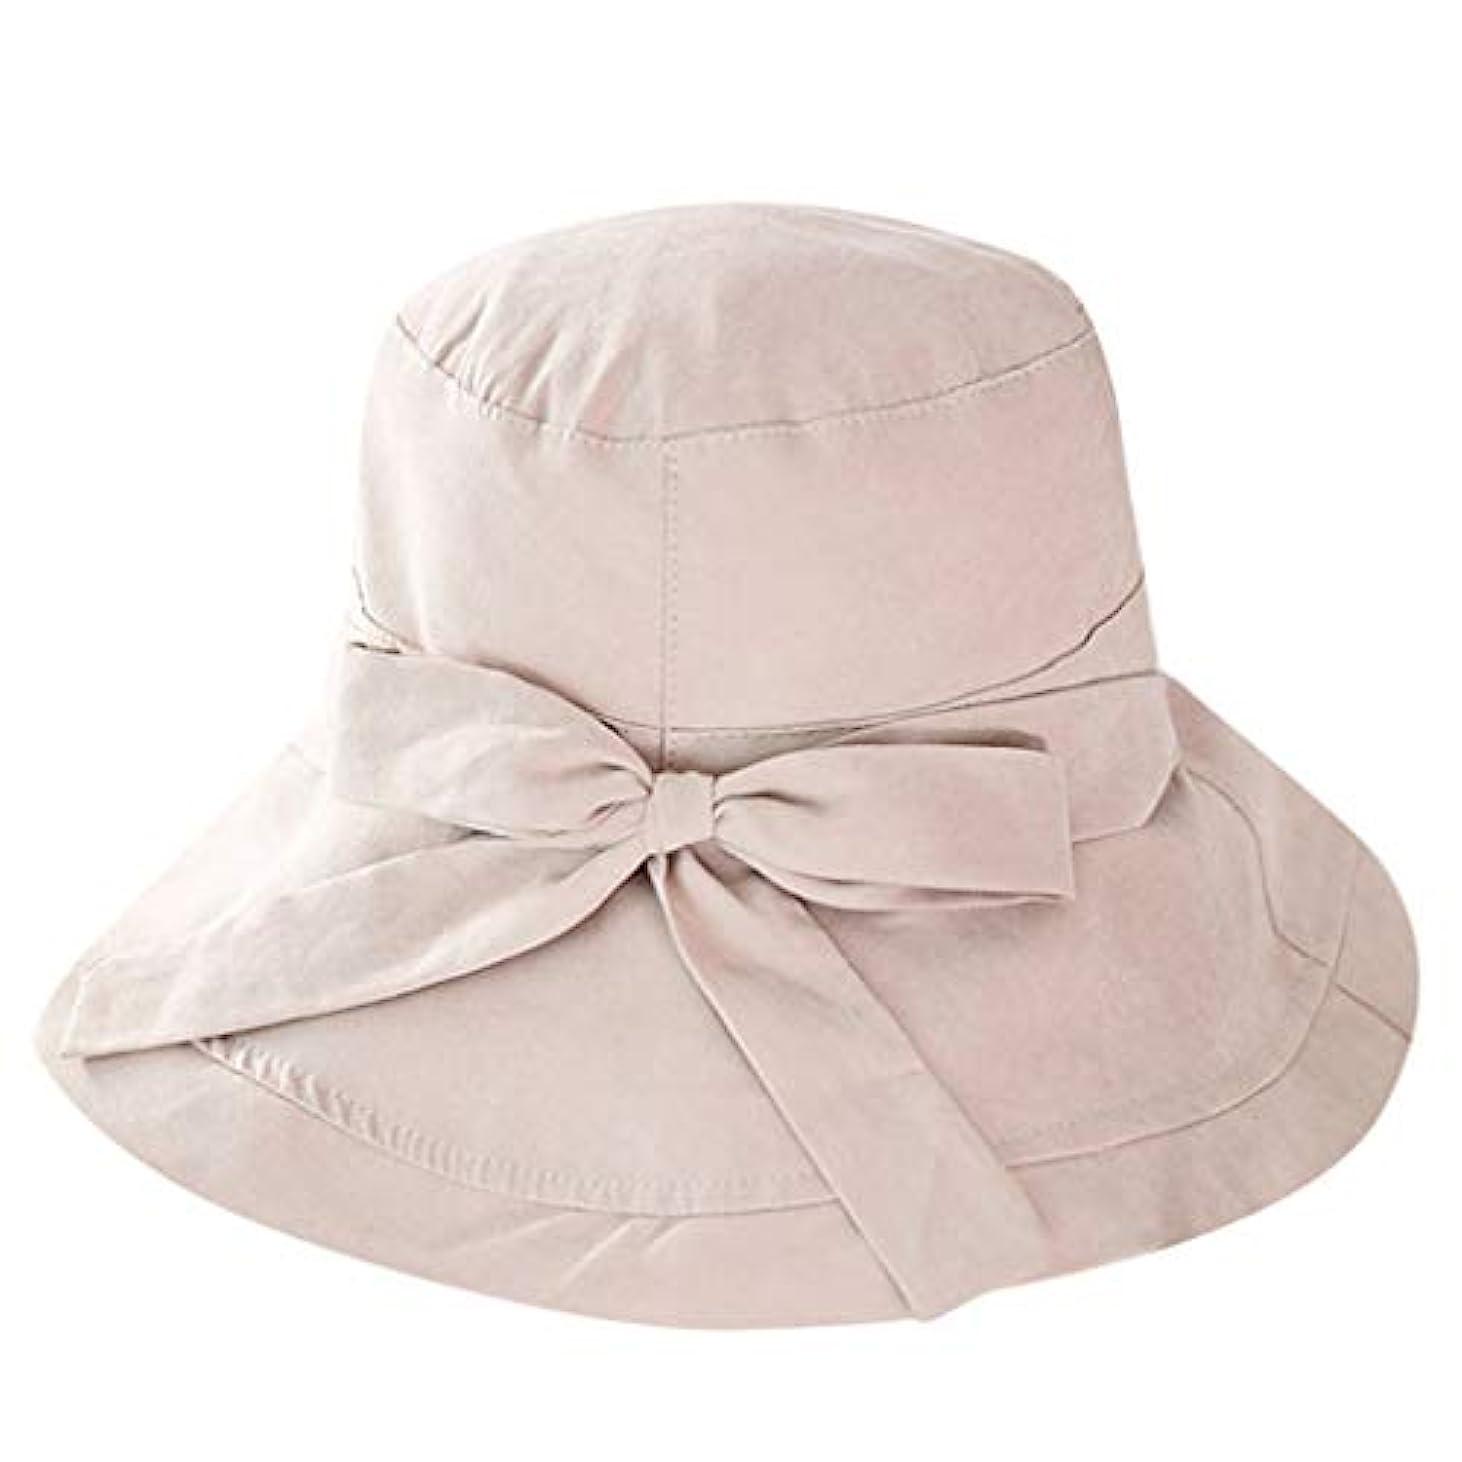 ファンネルウェブスパイダーベール本当のことを言うと帽子 レディース 夏 綿 つば広い おしゃれ シンプル カジュアル UVカット 帽子 ハット レディース おしゃれ 可愛い 夏 小顔効果 折りたたみ サイズ調節可 蝶結び 森ガール オールシーズン ROSE ROMAN